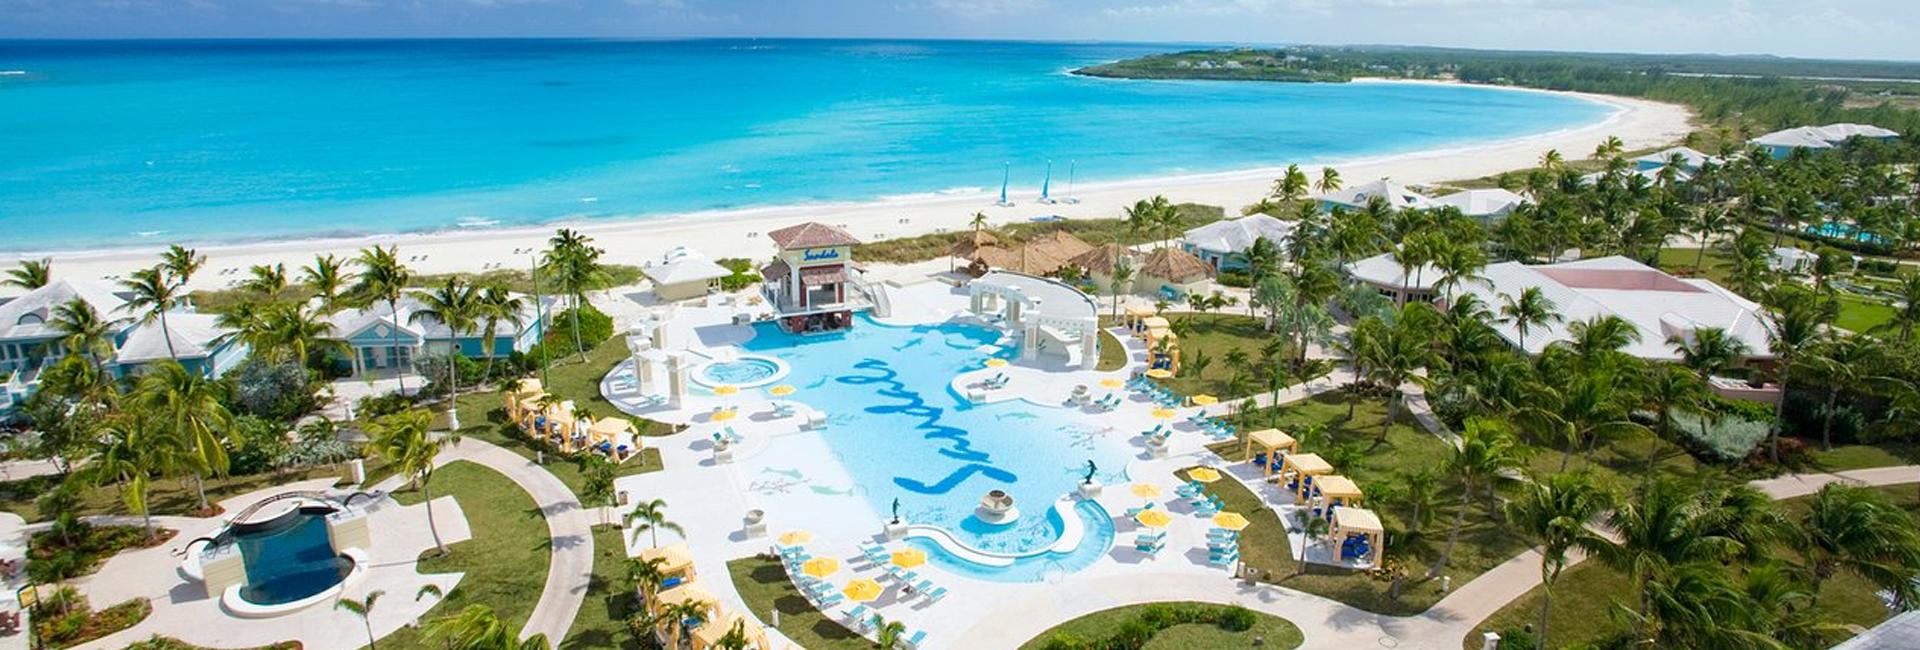 Sandals Luxury All Inclusive Resorts Quamis Travel Management